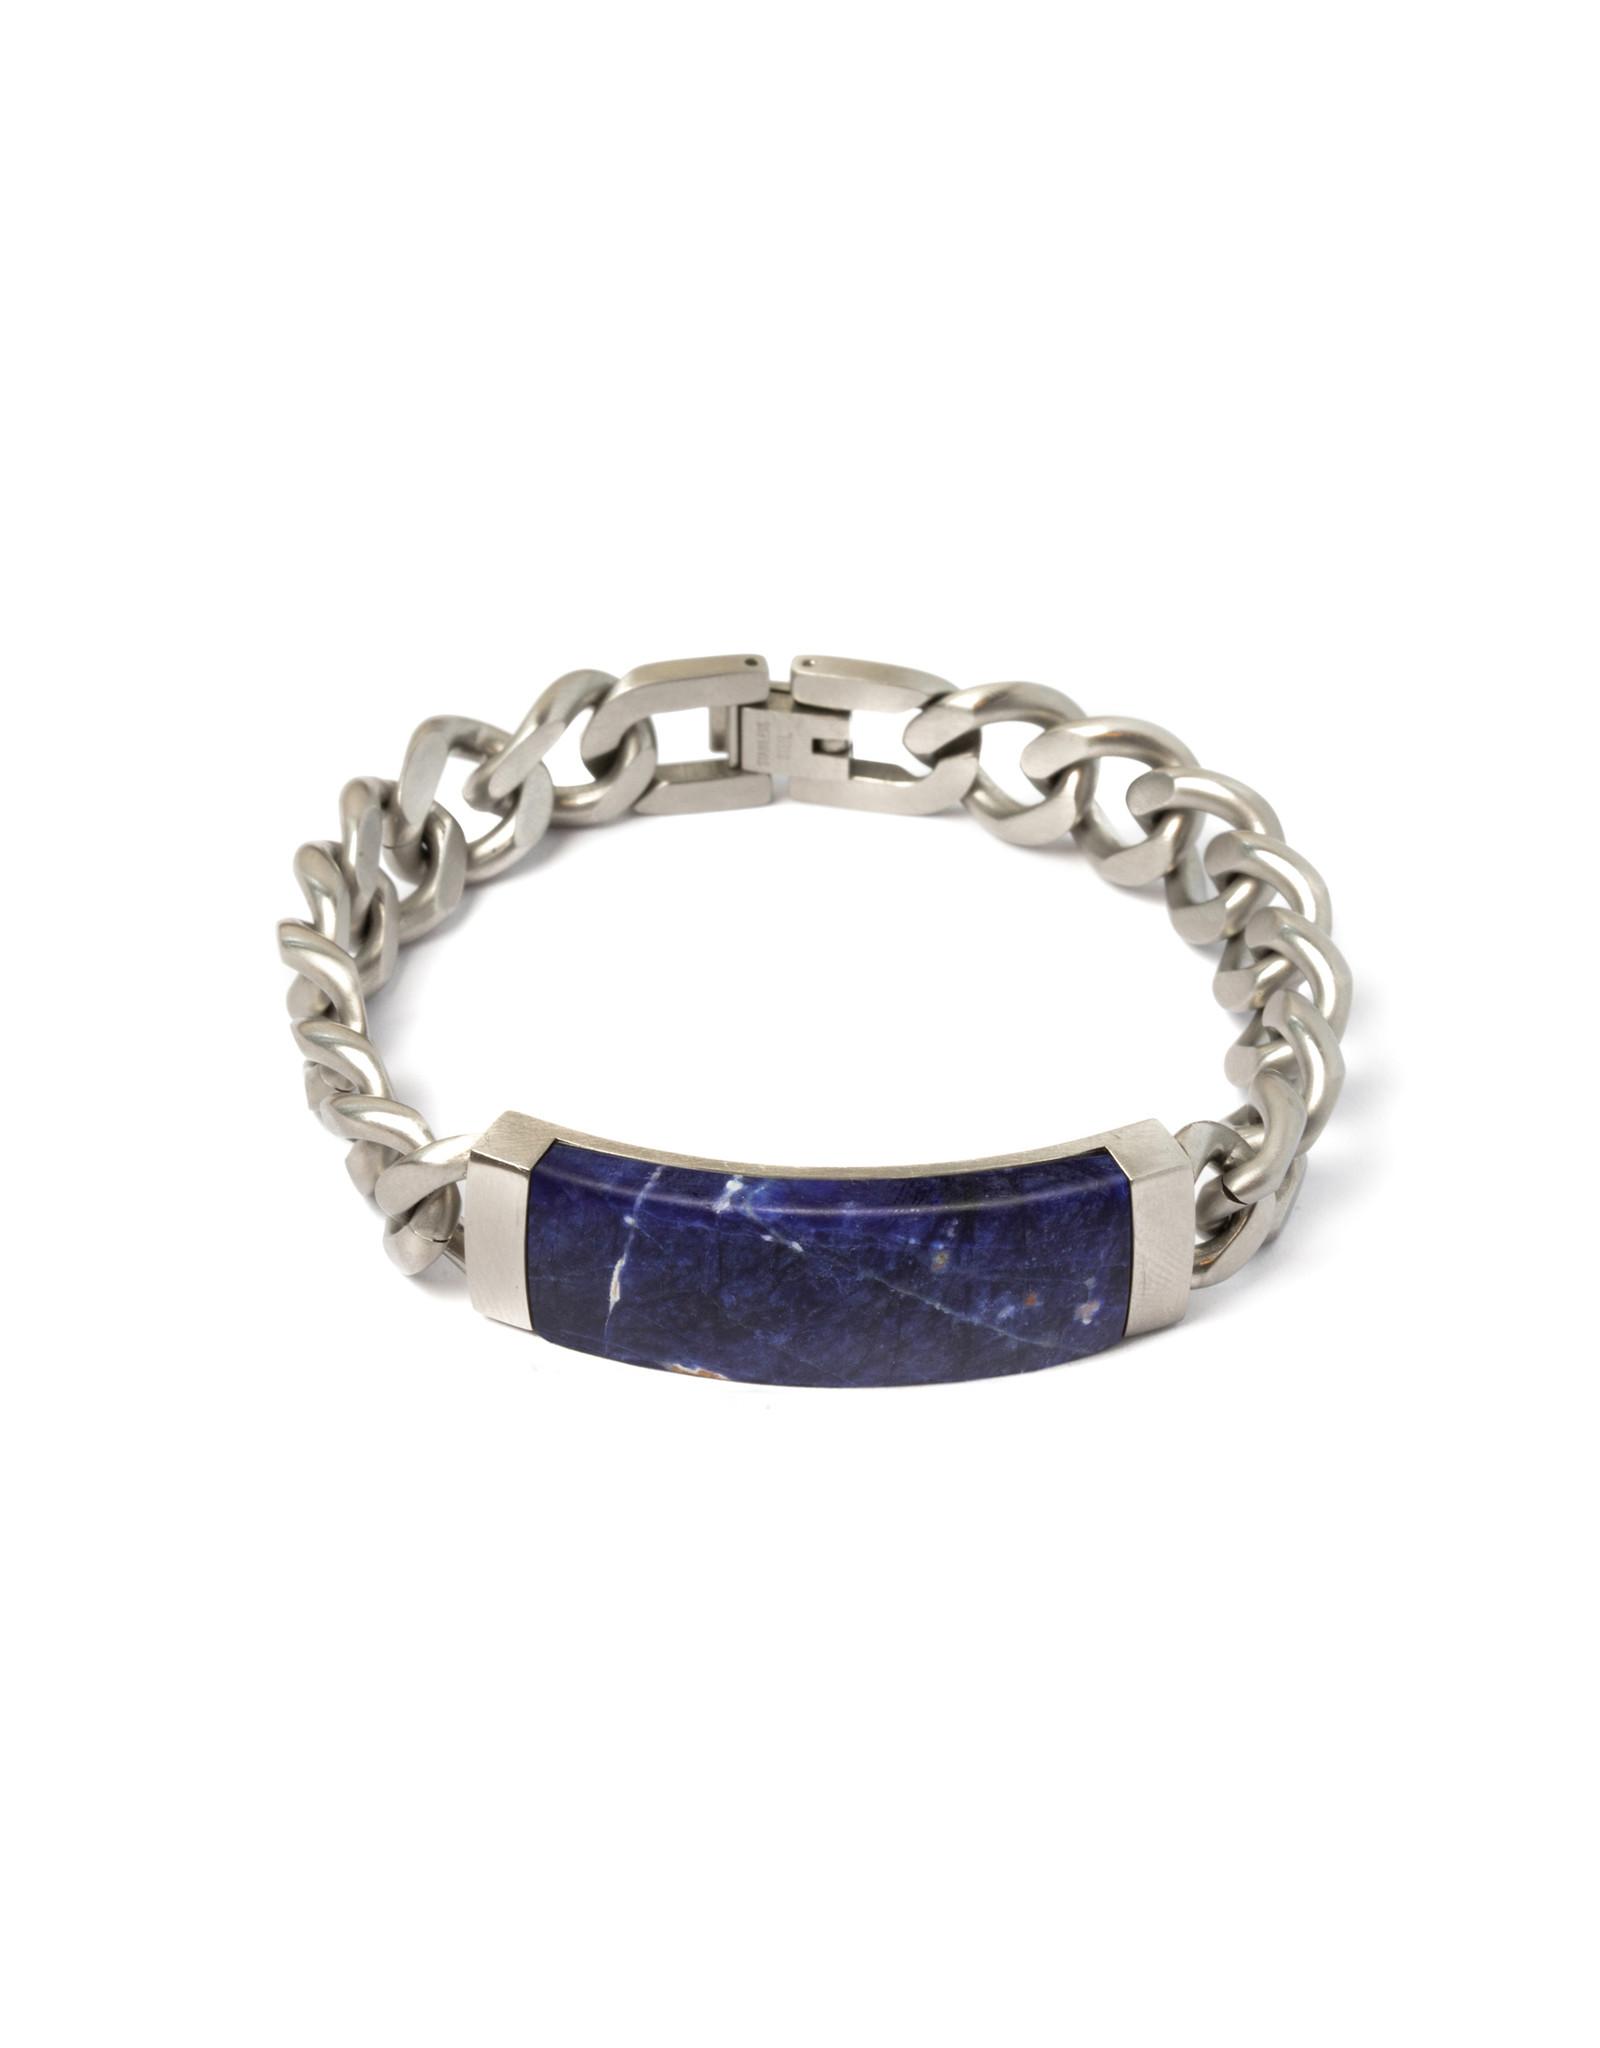 Gemini Armband Gemini SP12 SPARTA MAT BLUE